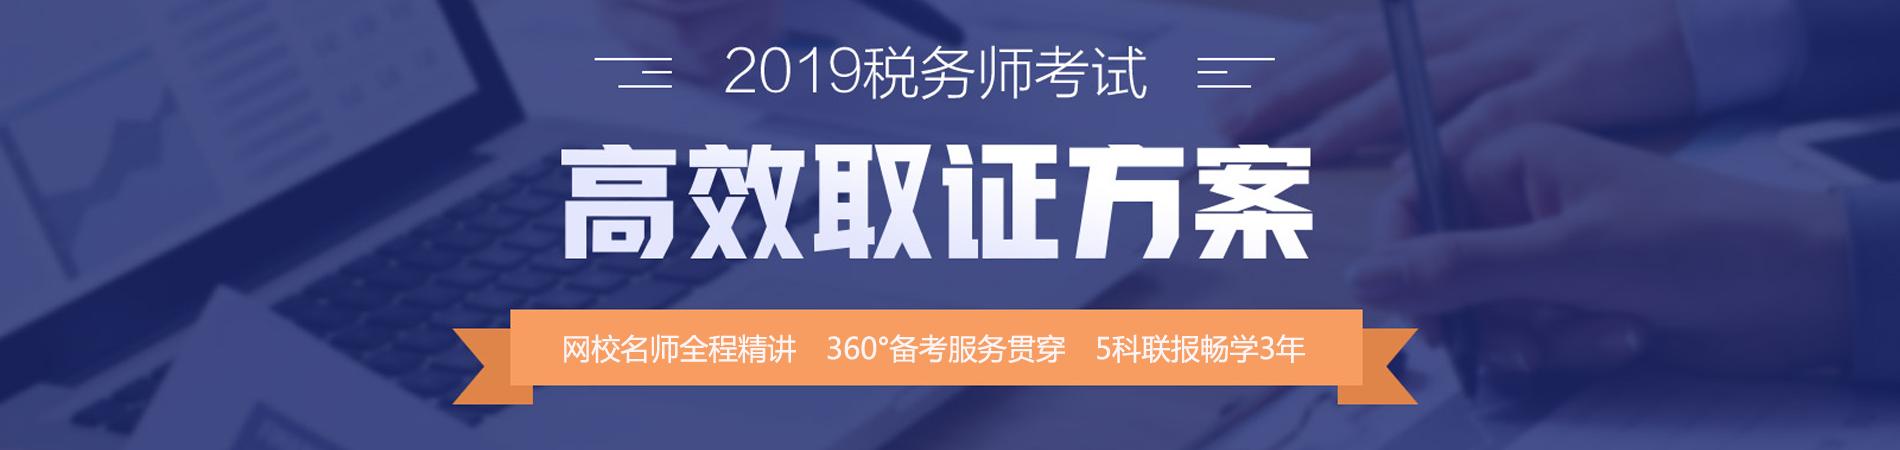 2019税务师税法一网课